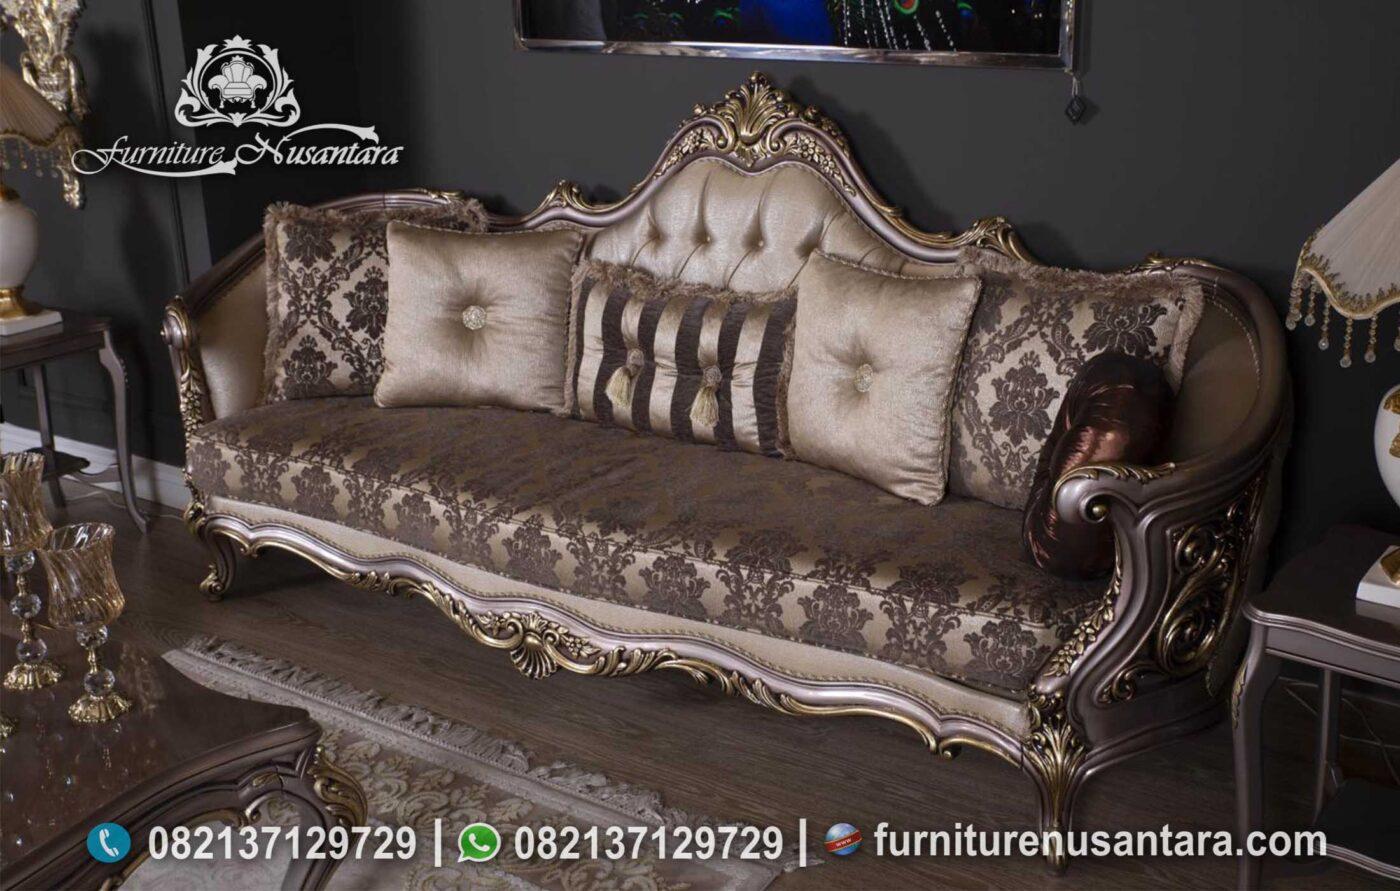 Model Terbaik Sofa Tamu Klasik Eropa ST-26, Furniture Nusantara